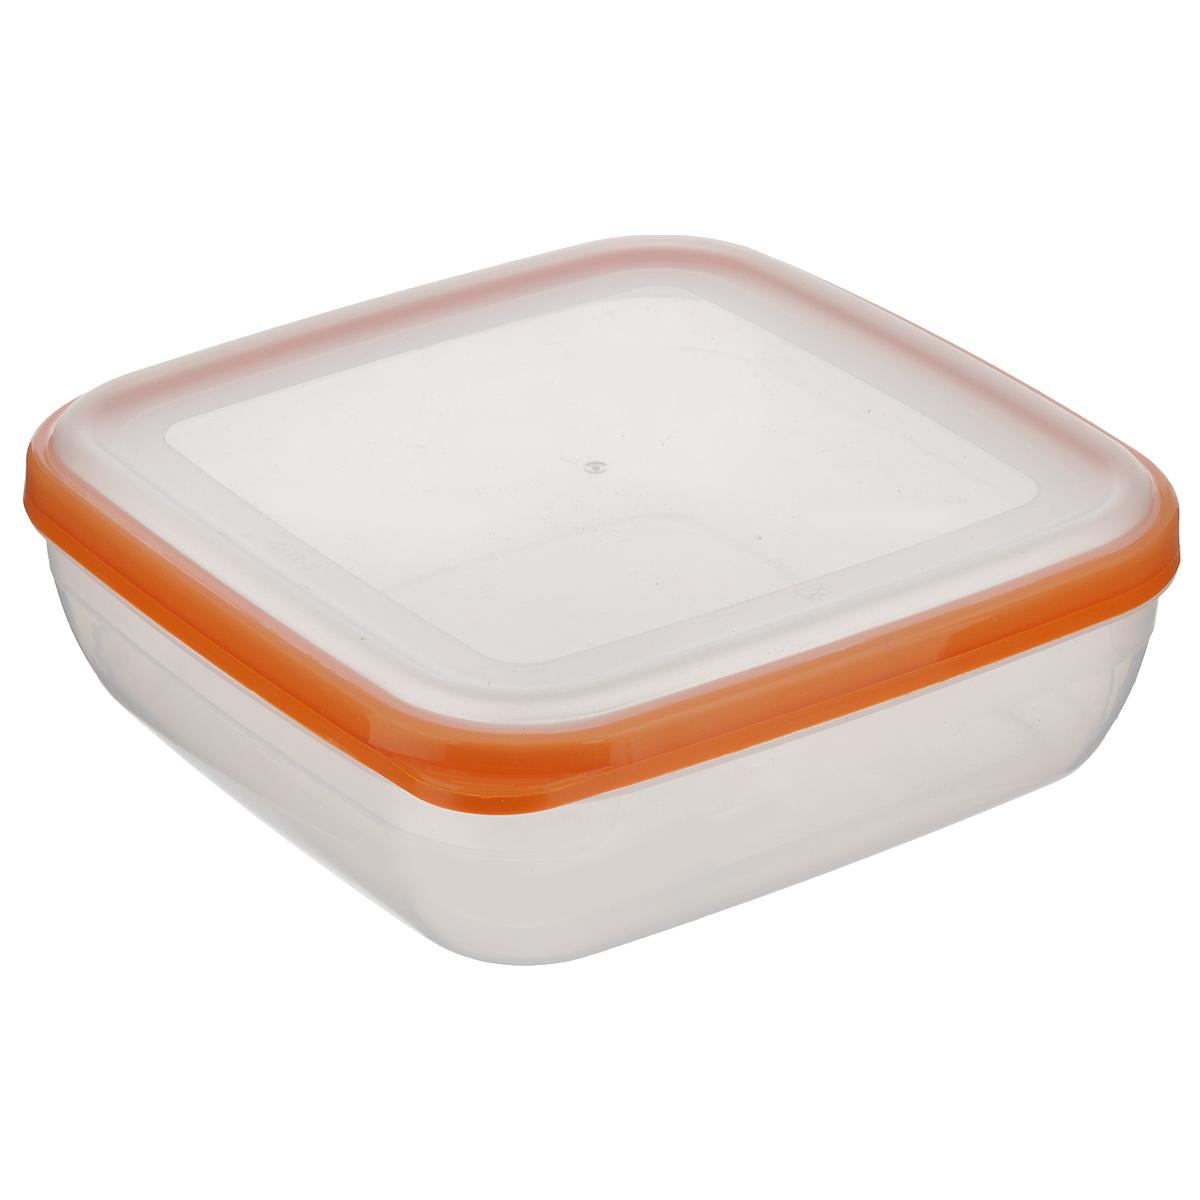 Контейнер для СВЧ Полимербыт Премиум, цвет: оранжевый, 1,7 л4630003364517Квадратный контейнер для СВЧ Полимербыт Премиум изготовлен из высококачественного прочного пластика, устойчивого к высоким температурам (до +110°С). Крышка плотно и герметично закрывается, дольше сохраняя продукты свежими и вкусными. Контейнер идеально подходит для хранения пищи, его удобно брать с собой на работу, учебу, пикник или просто использовать для хранения продуктов в холодильнике.Подходит для разогрева пищи в микроволновой печи и для заморозки в морозильной камере (при минимальной температуре -40°С). Можно мыть в посудомоечной машине.